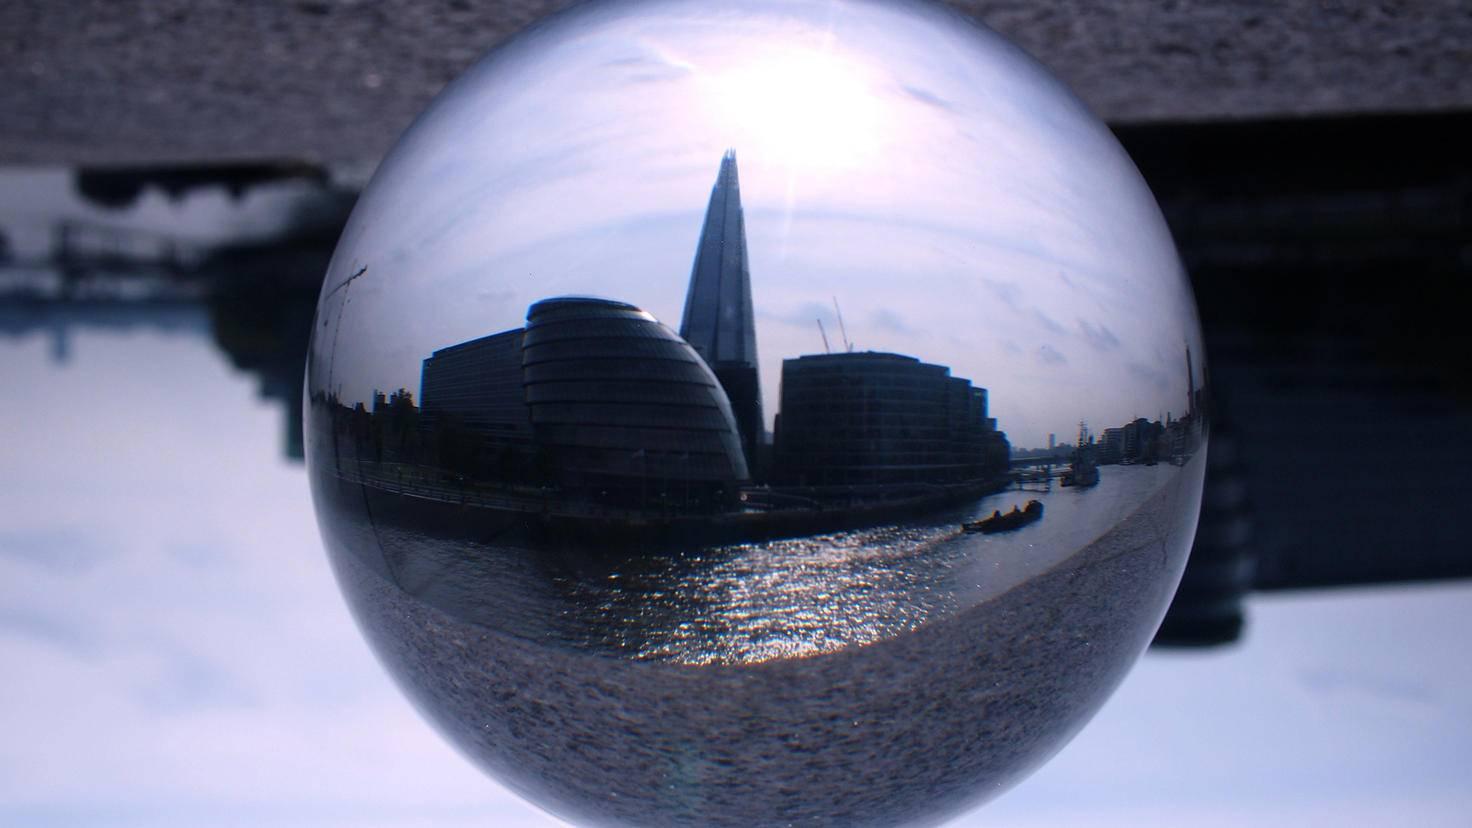 Beeindruckende Architektur und große Freiflächen sind eine perfekte Kombination für die Glaskugel-Fotografie.